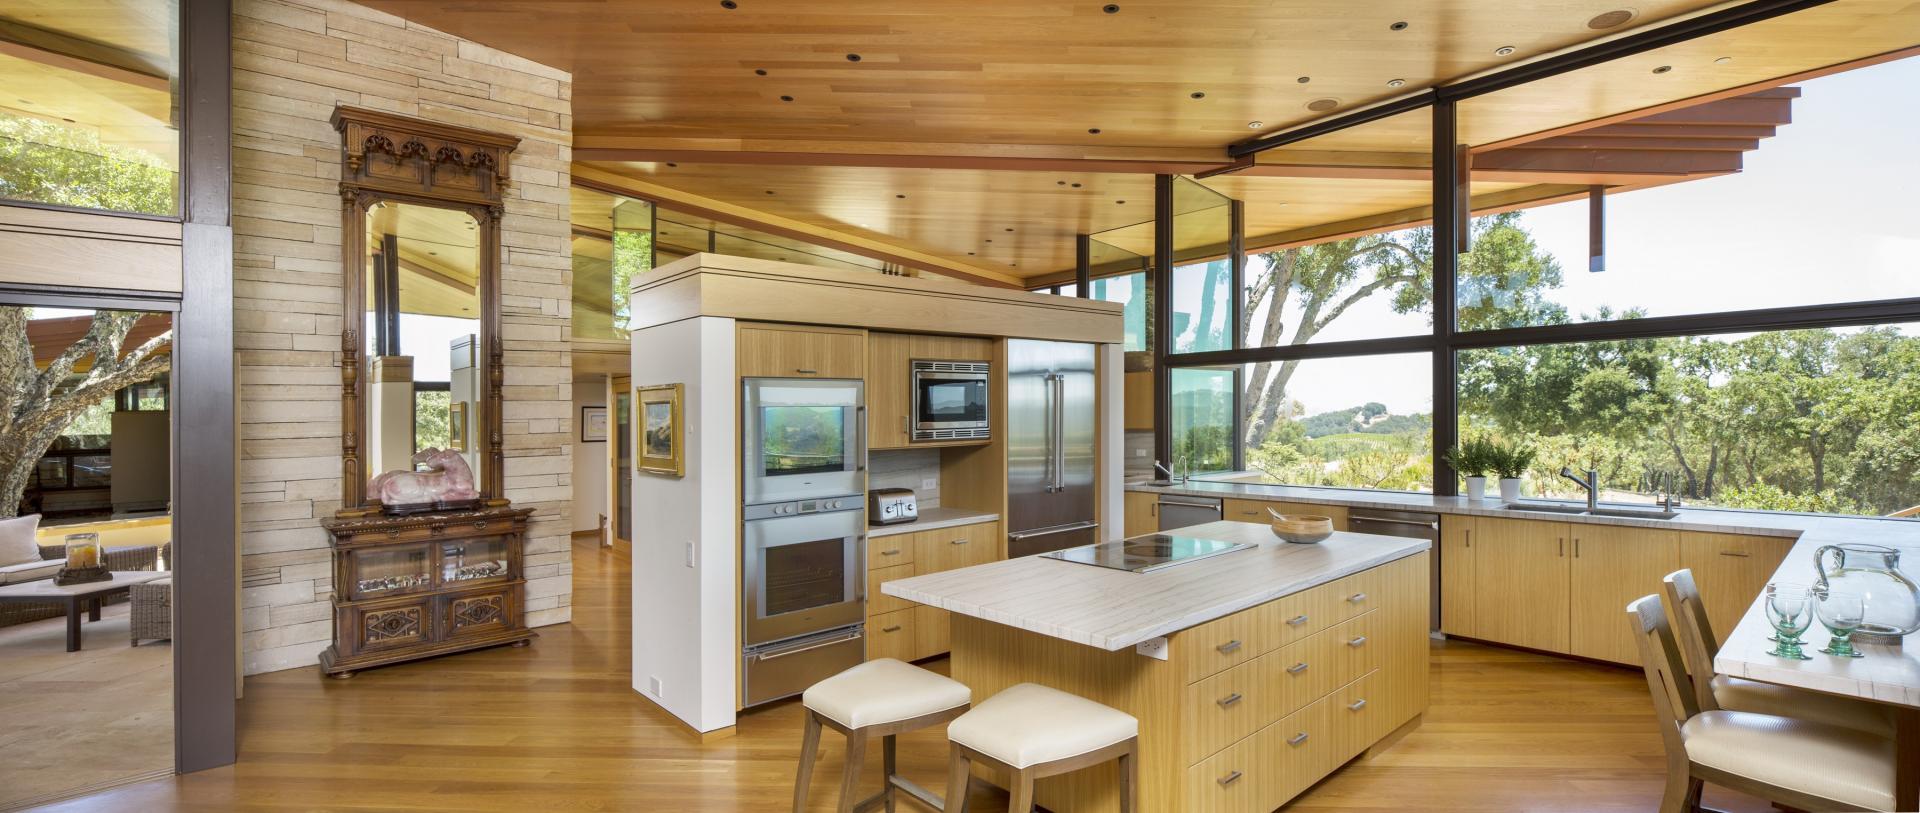 Fox Hollow's kitchen area